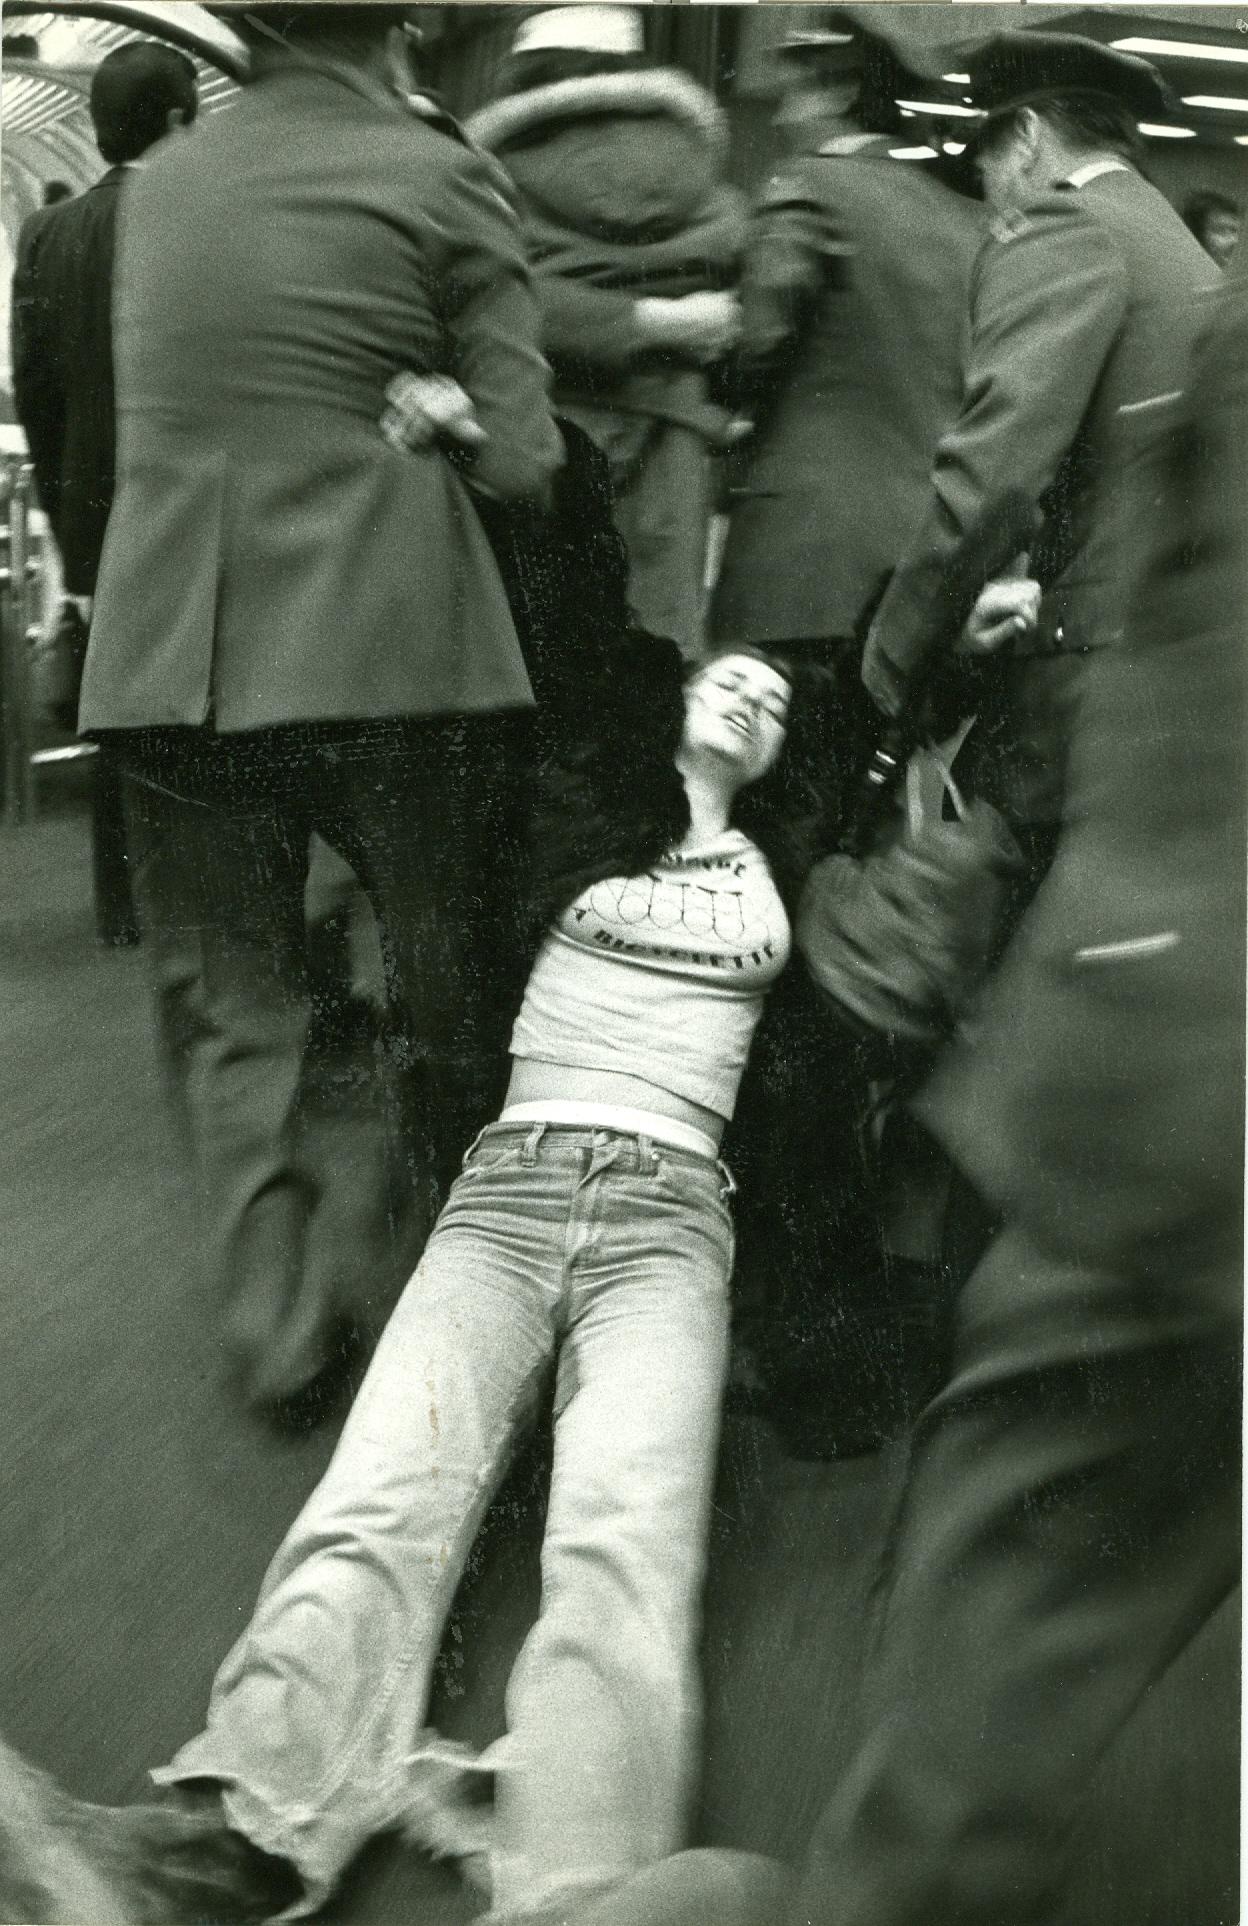 Claire Morissette est traînée au sol par deux policiers.